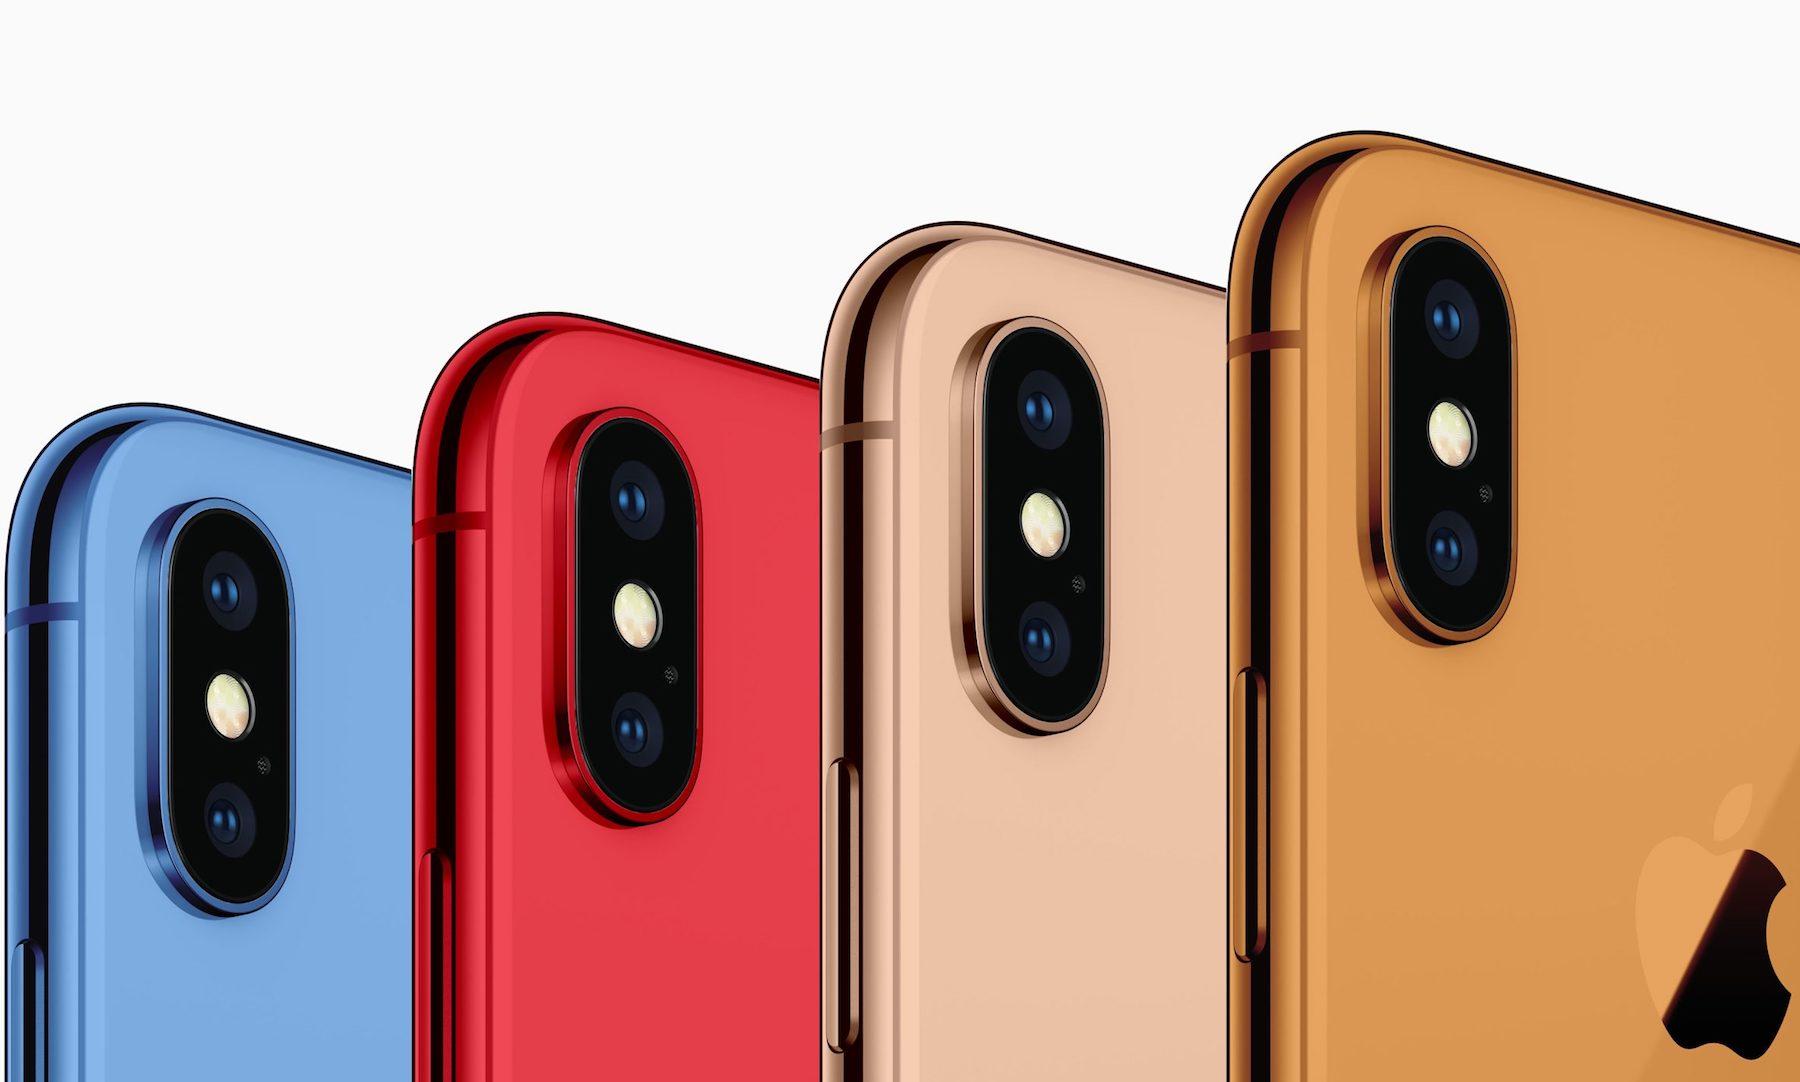 据说苹果将发布蓝、金和橘色版新 iPhone